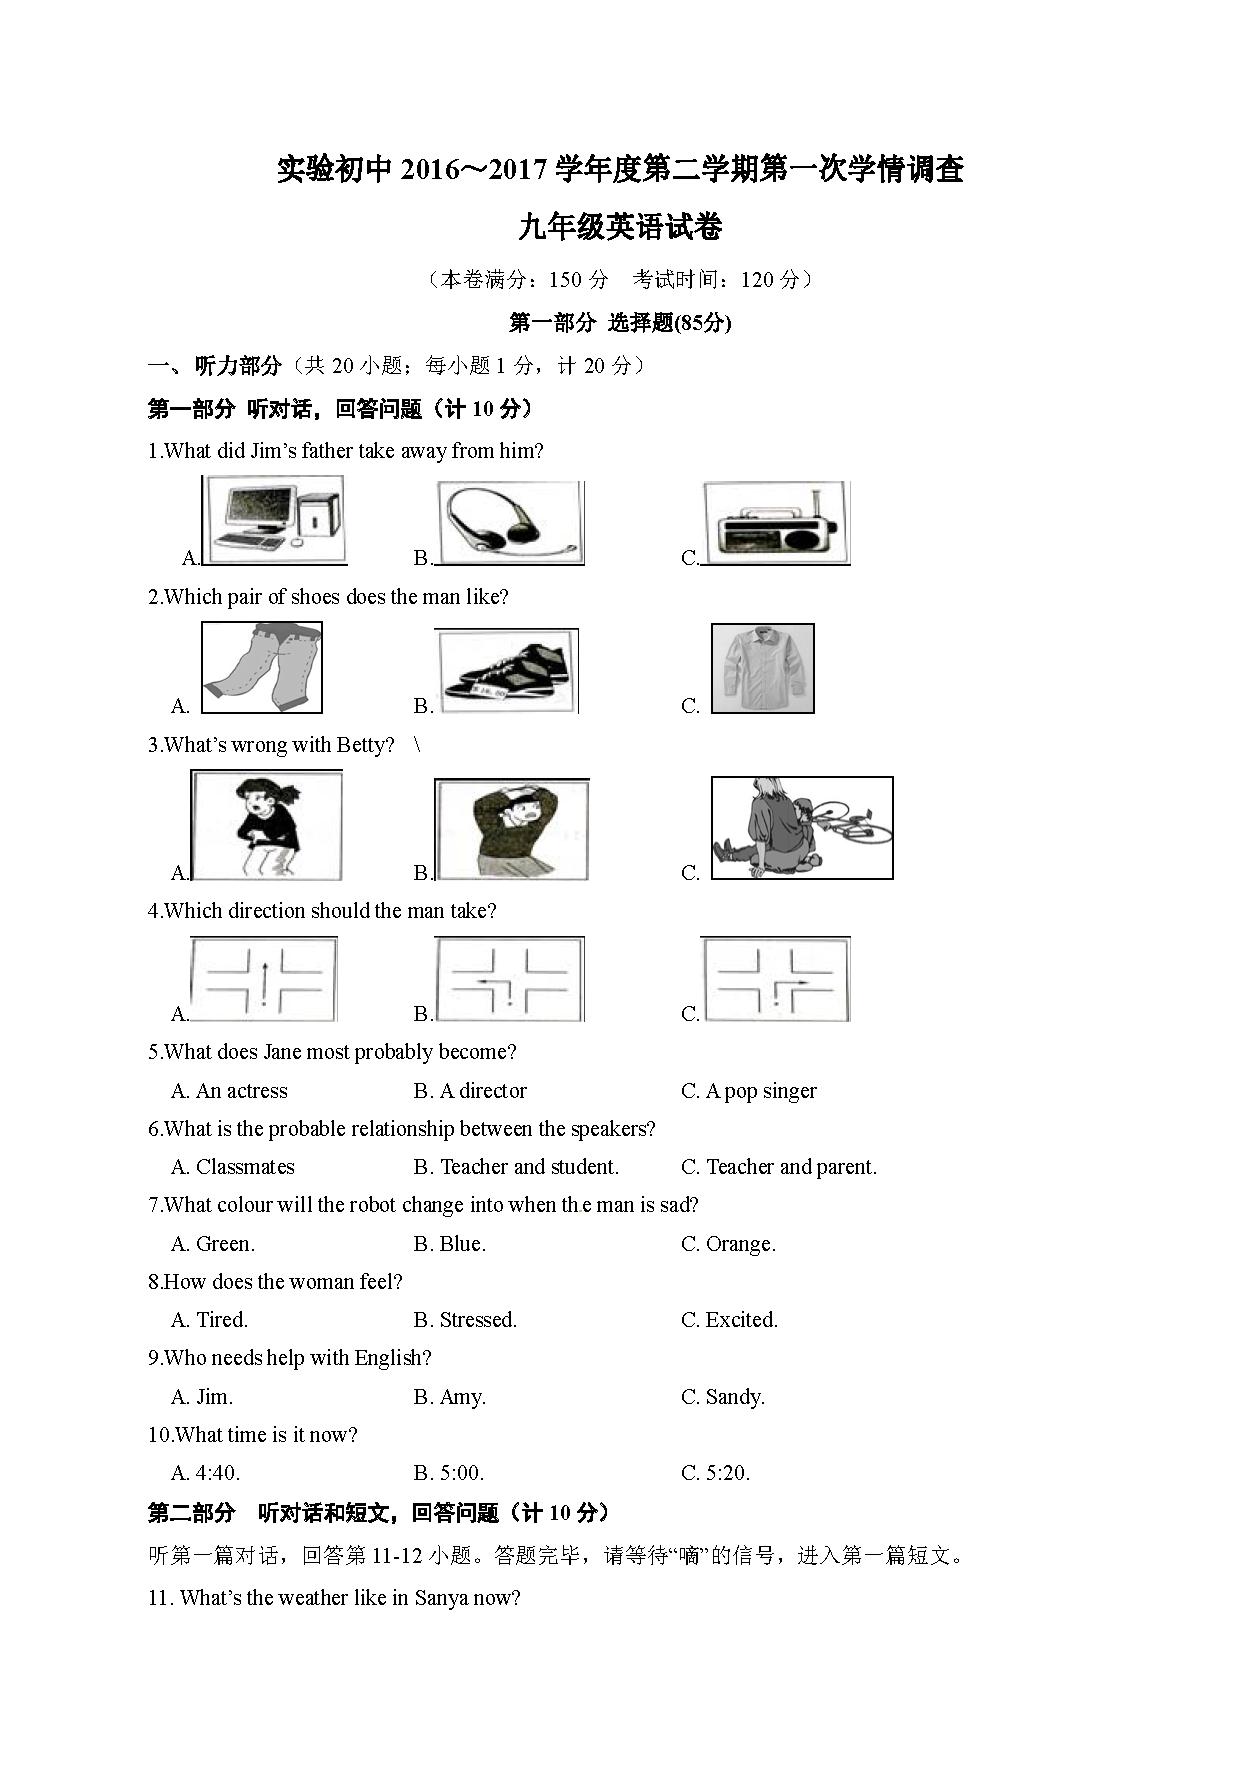 2017江苏泰州姜堰区实验初级中学九年级下第一次月考英语试题(Word版)